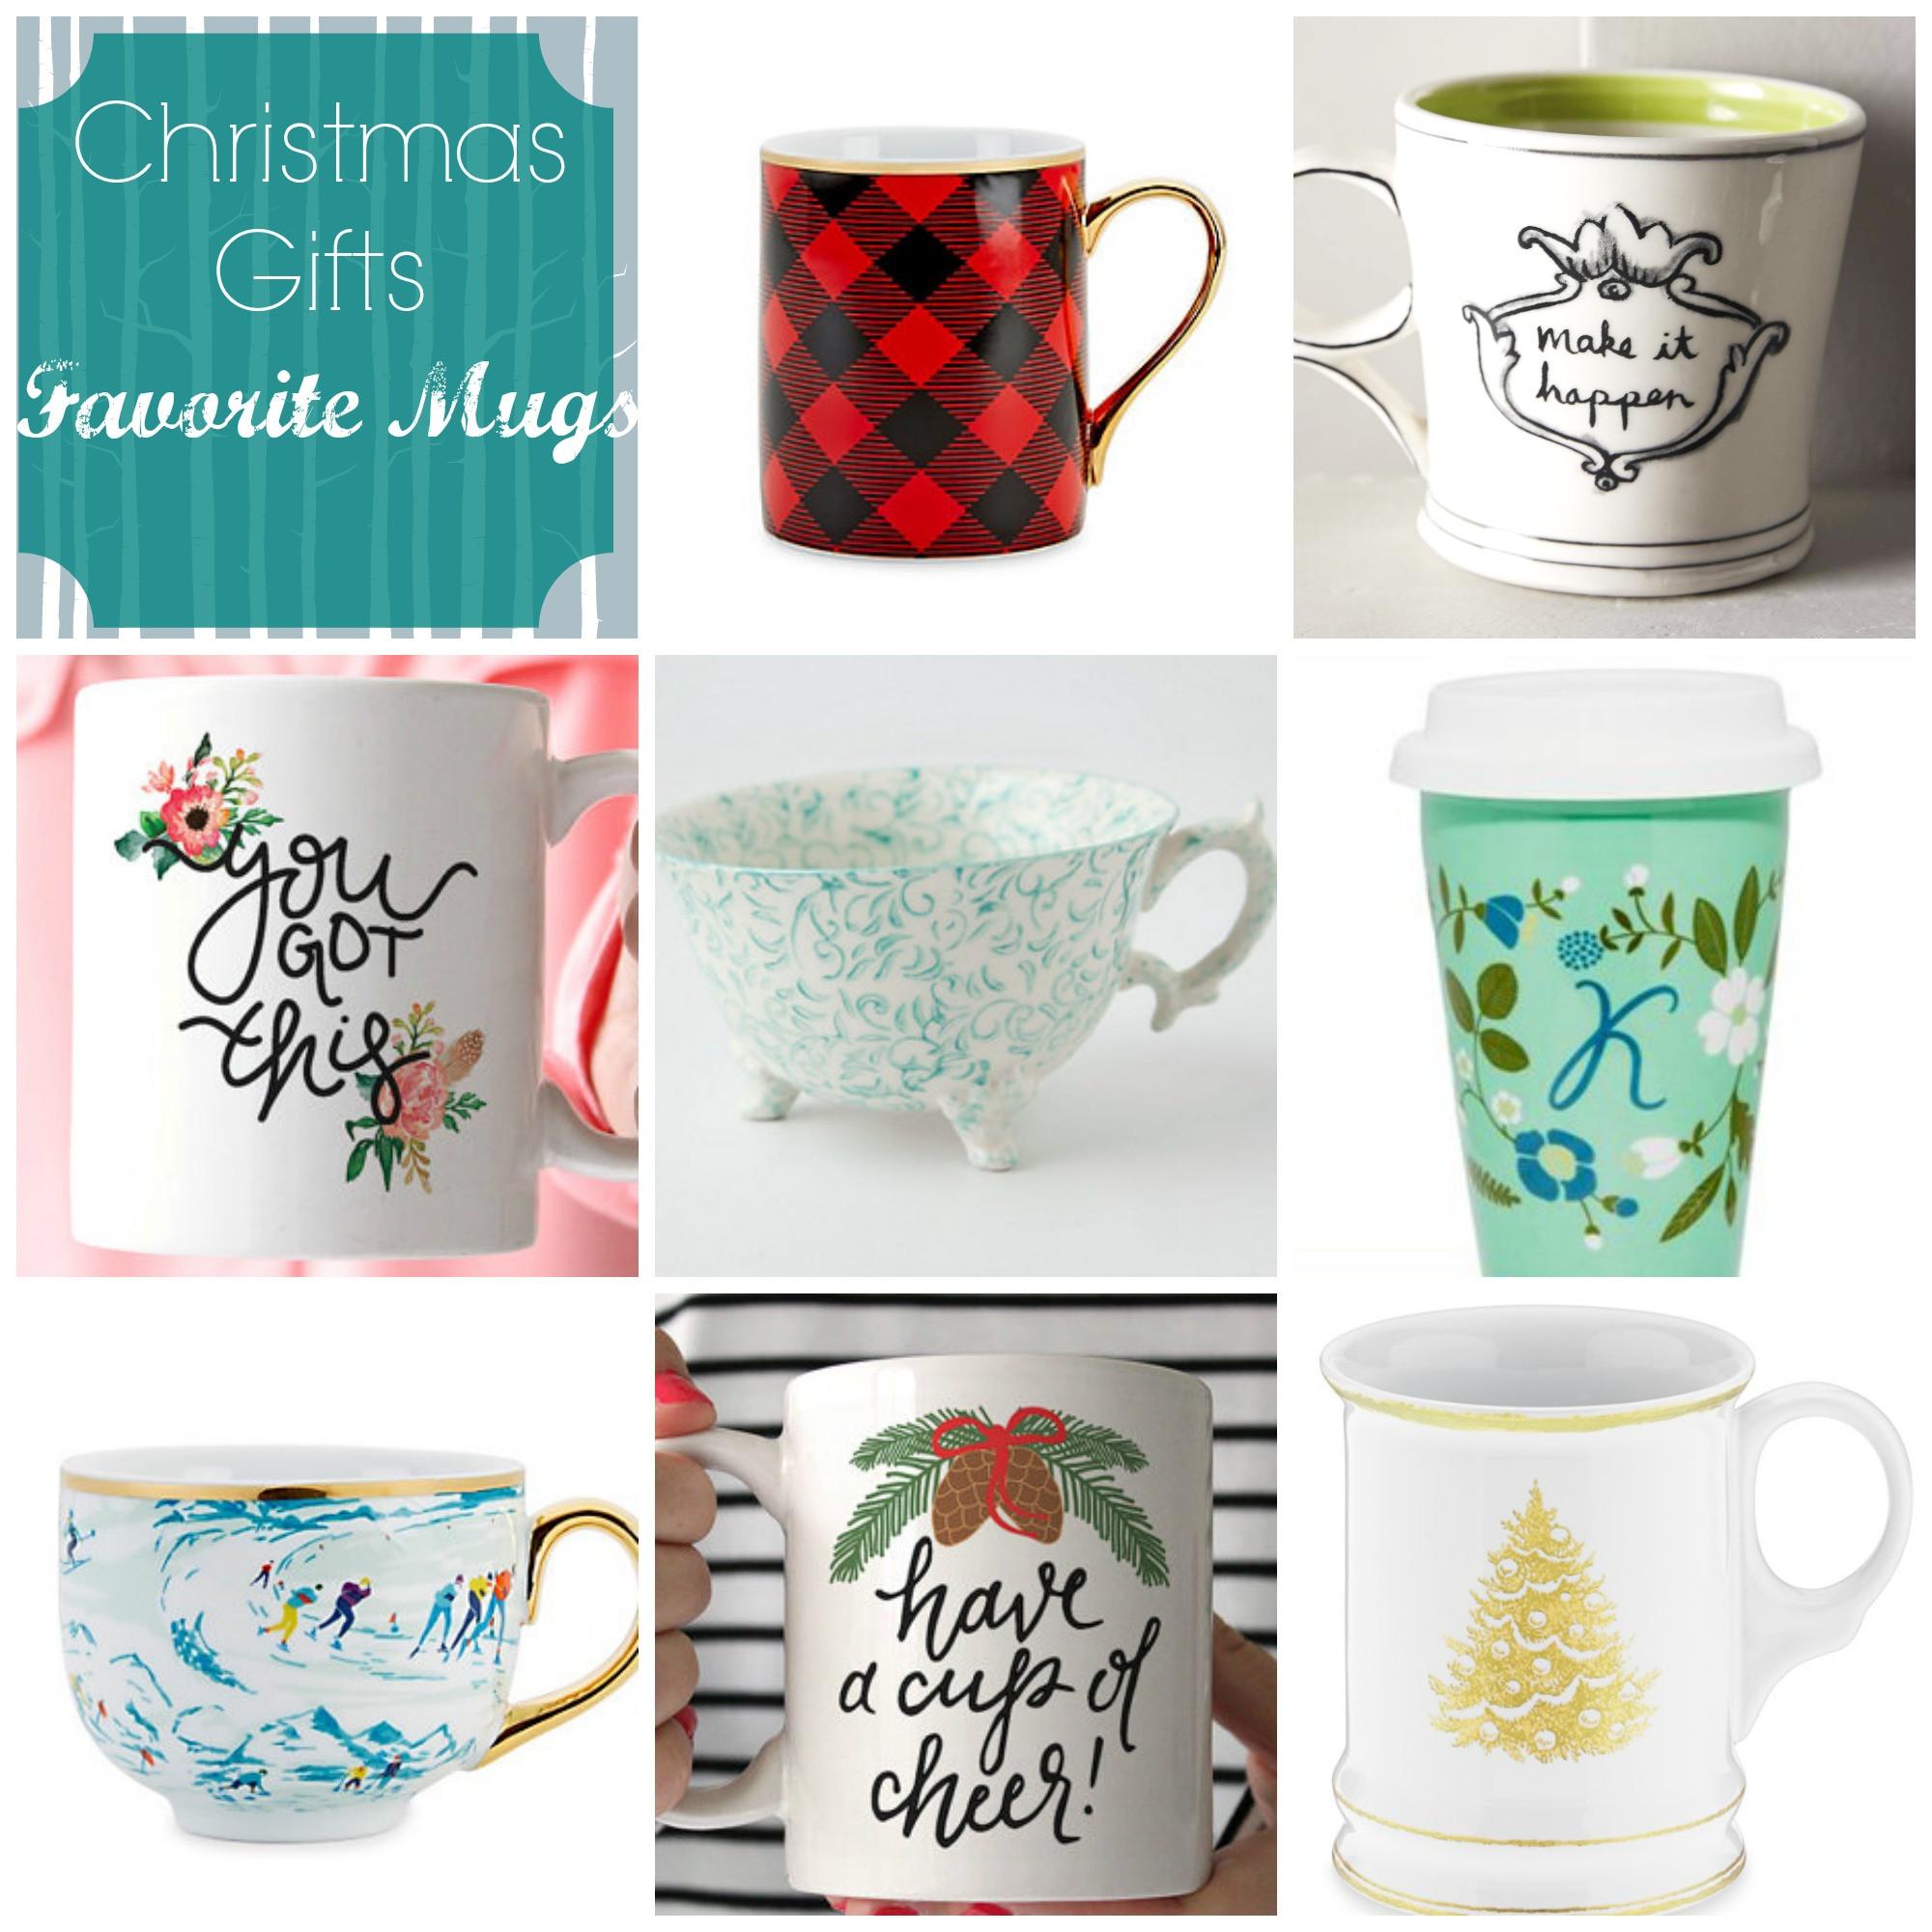 Christmas Mug Gift Ideas  Christmas Gift Ideas The Perfect Mug